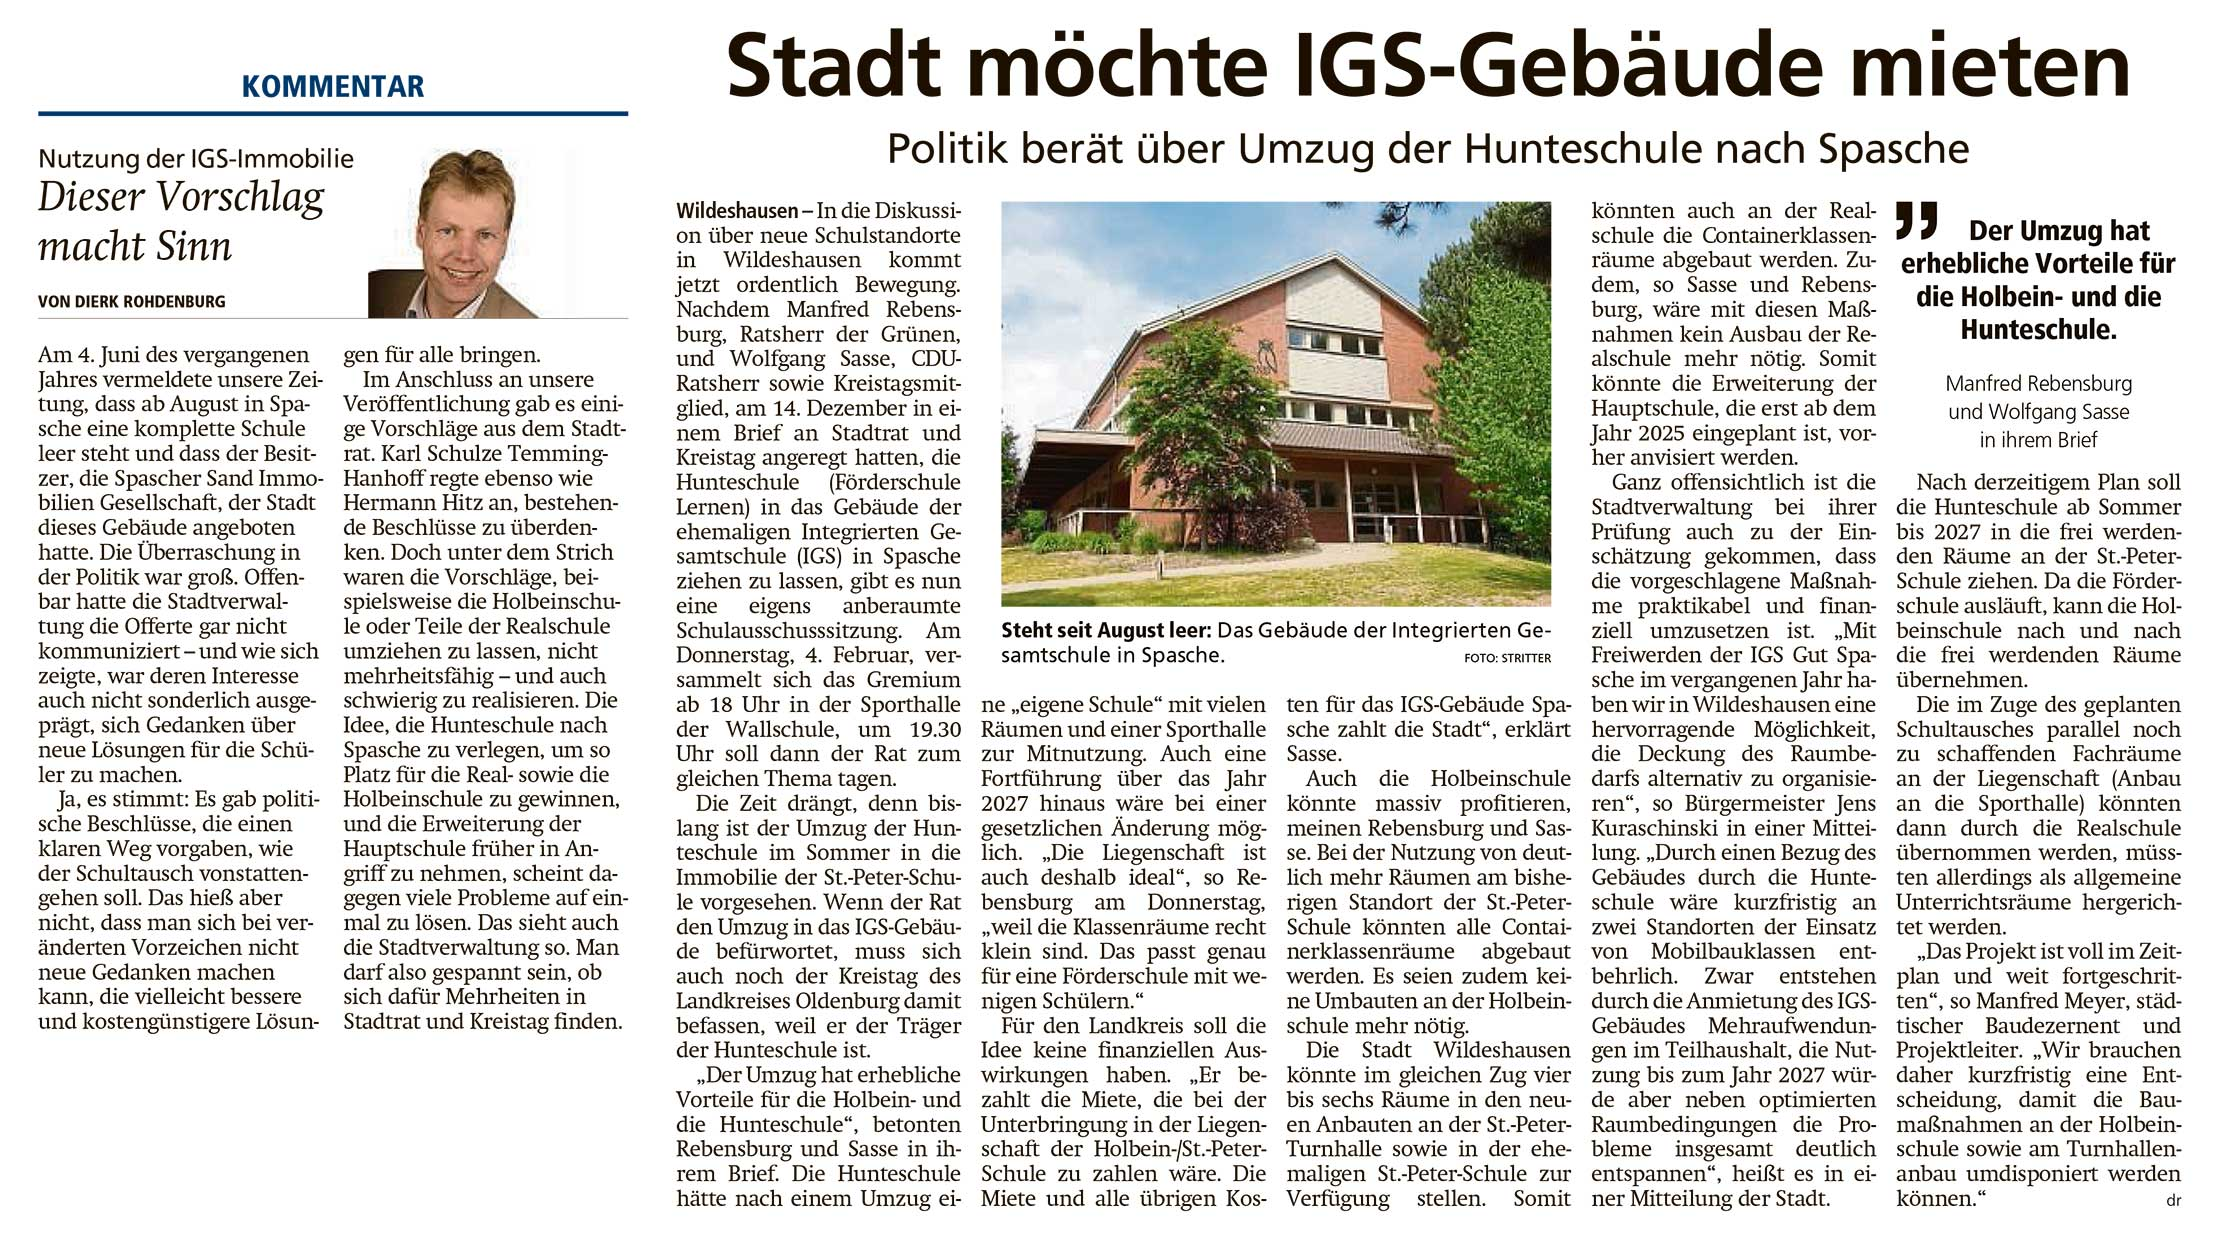 Stadt möchte IGS-Gebäude mietenPolitik berät über Umzug der Hunteschule nach Spasche // Kommentar: Dieser Vorschlag macht SinnArtikel vom 22.01.2021 (WZ)